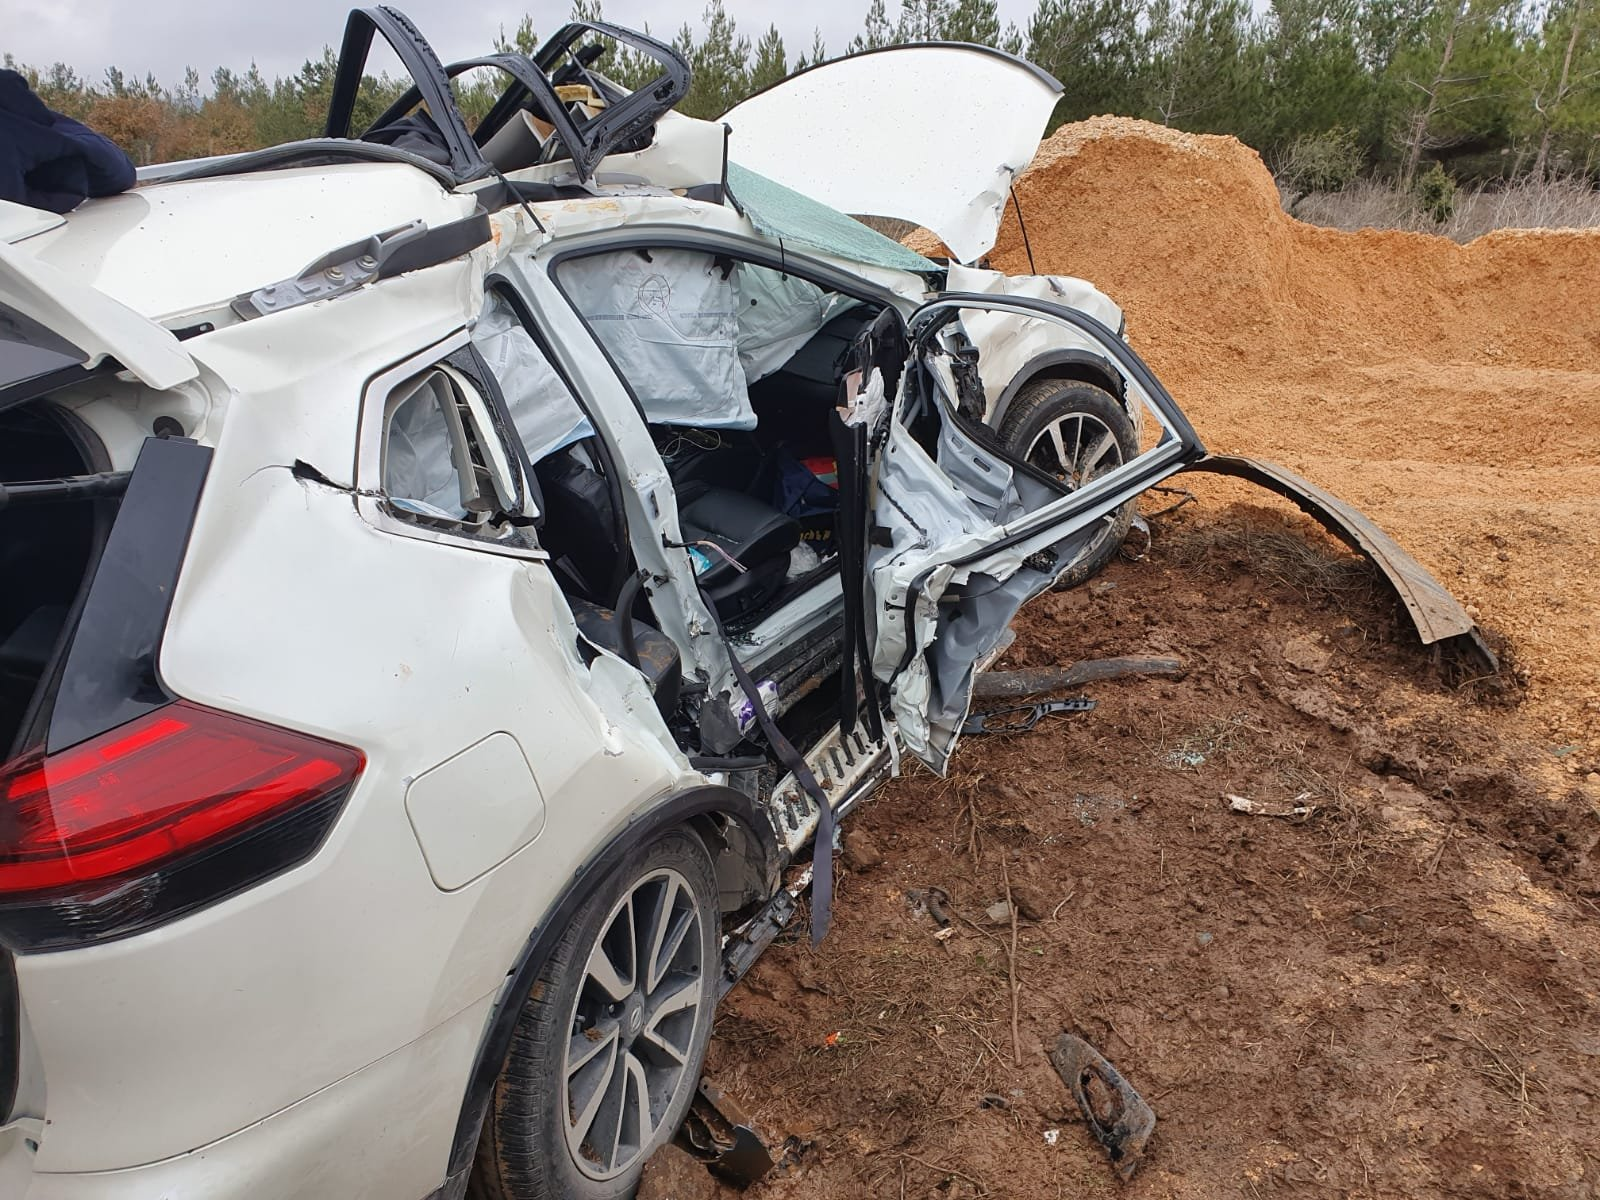 مقتل سيدة وإصابة 4 آخرين بحادث طرق مروع في الجولان